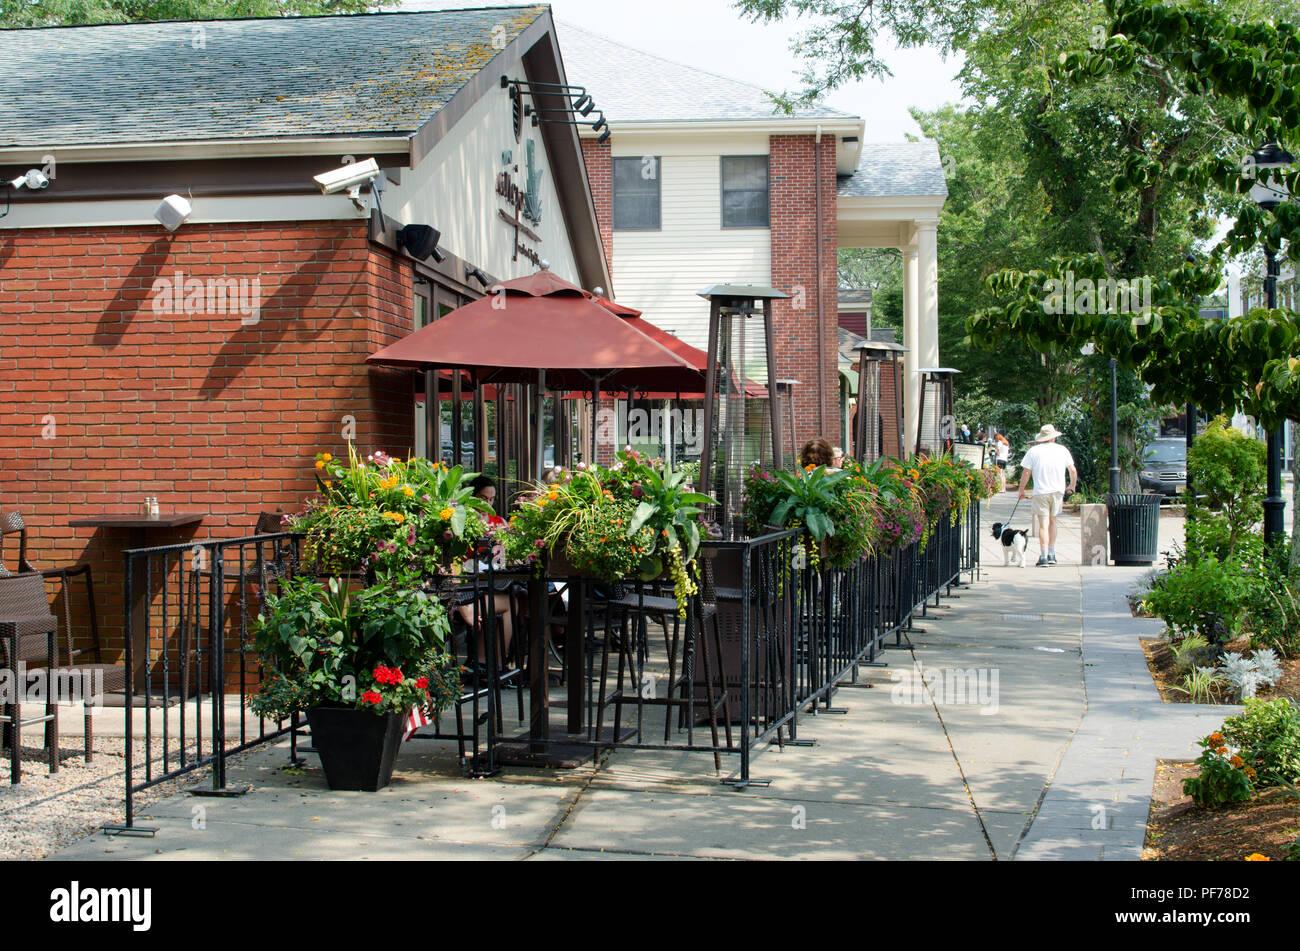 Centro de Falmouth, Cape Cod Massachusetts Estados Unidos con personas para cenar al aire libre en el restaurante mexicano Anejo y la gente caminando en la acera Imagen De Stock